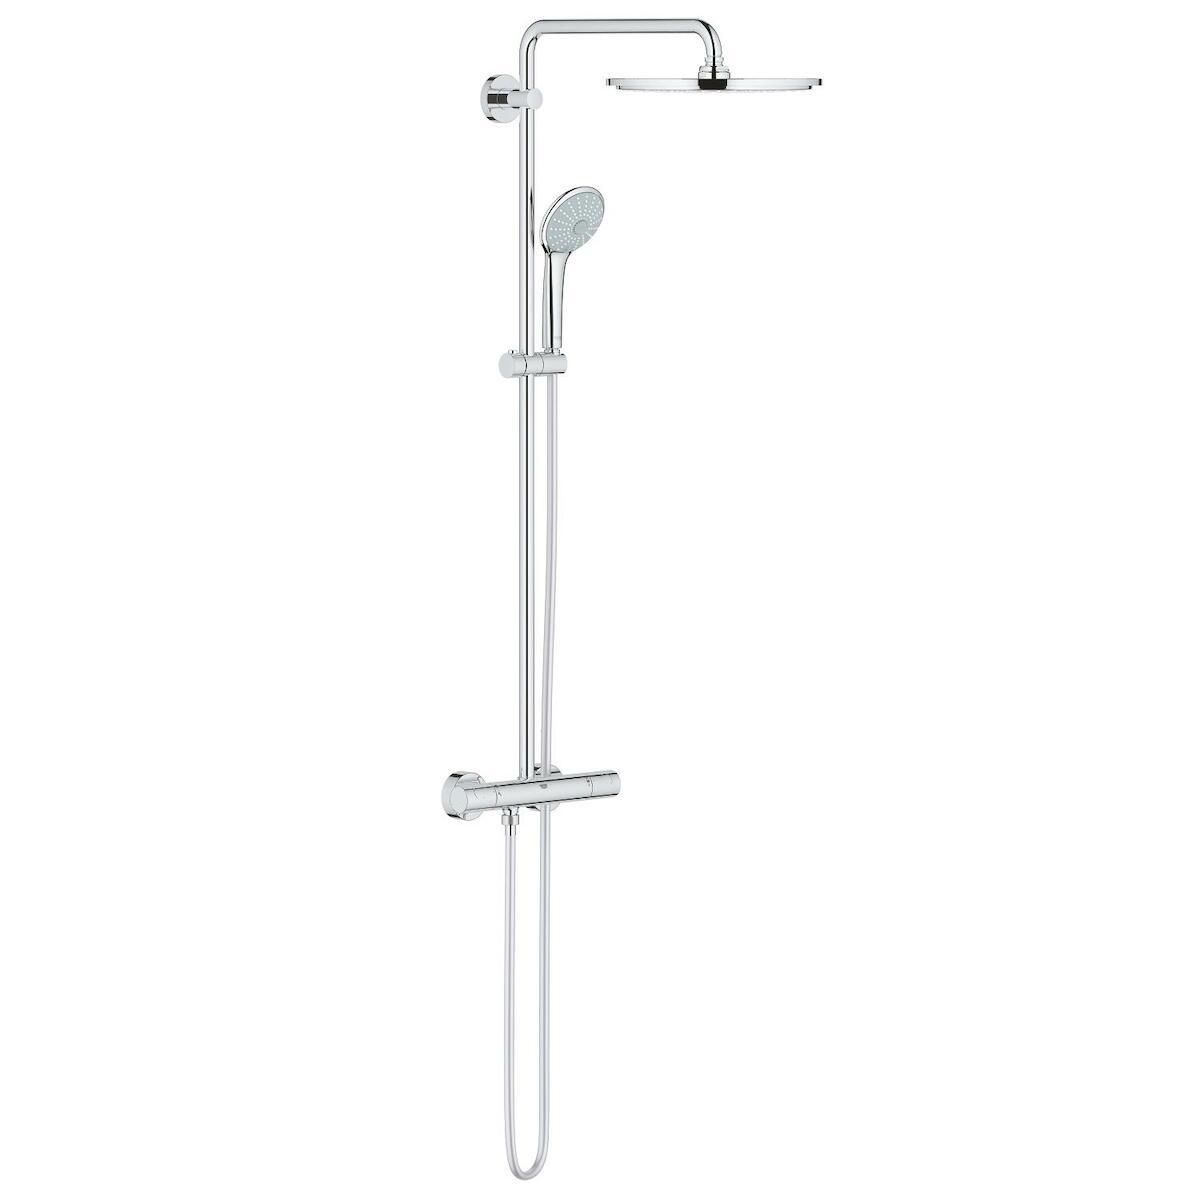 Sprchový systém Grohe Euphoria System s termostatickou baterií chrom 26075000